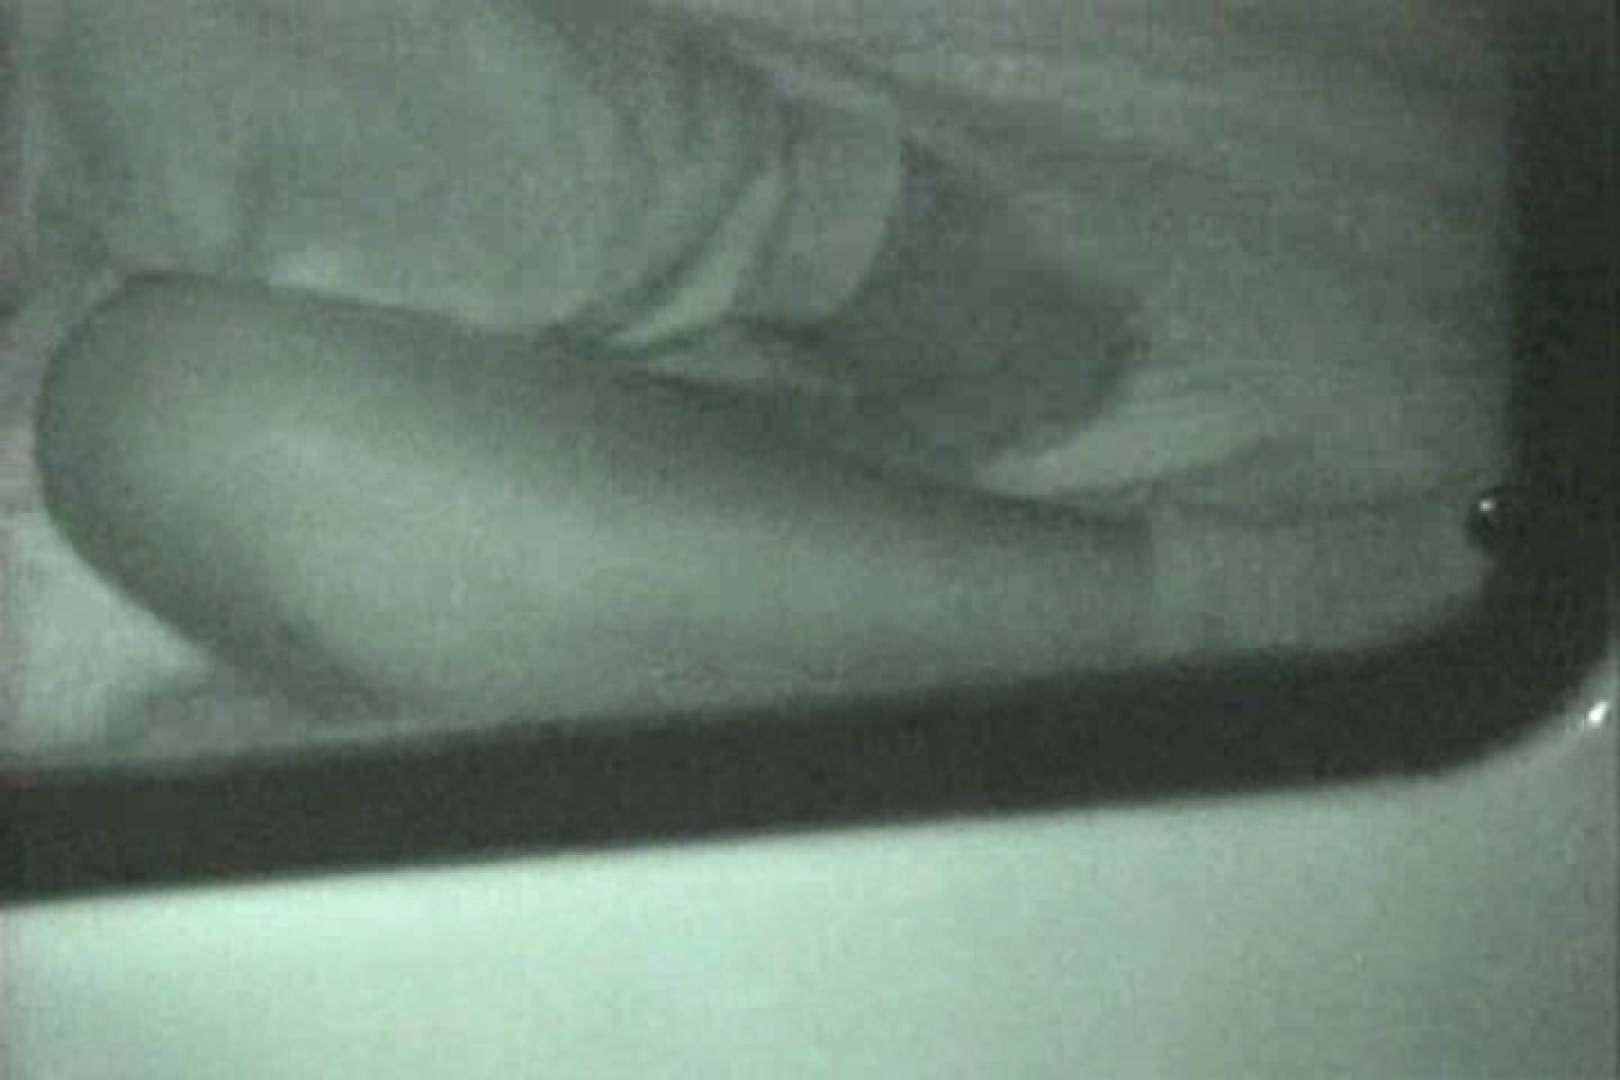 蔵出し!!赤外線カーセックスVol.9 ラブホテル隠し撮り | 赤外線  103pic 9